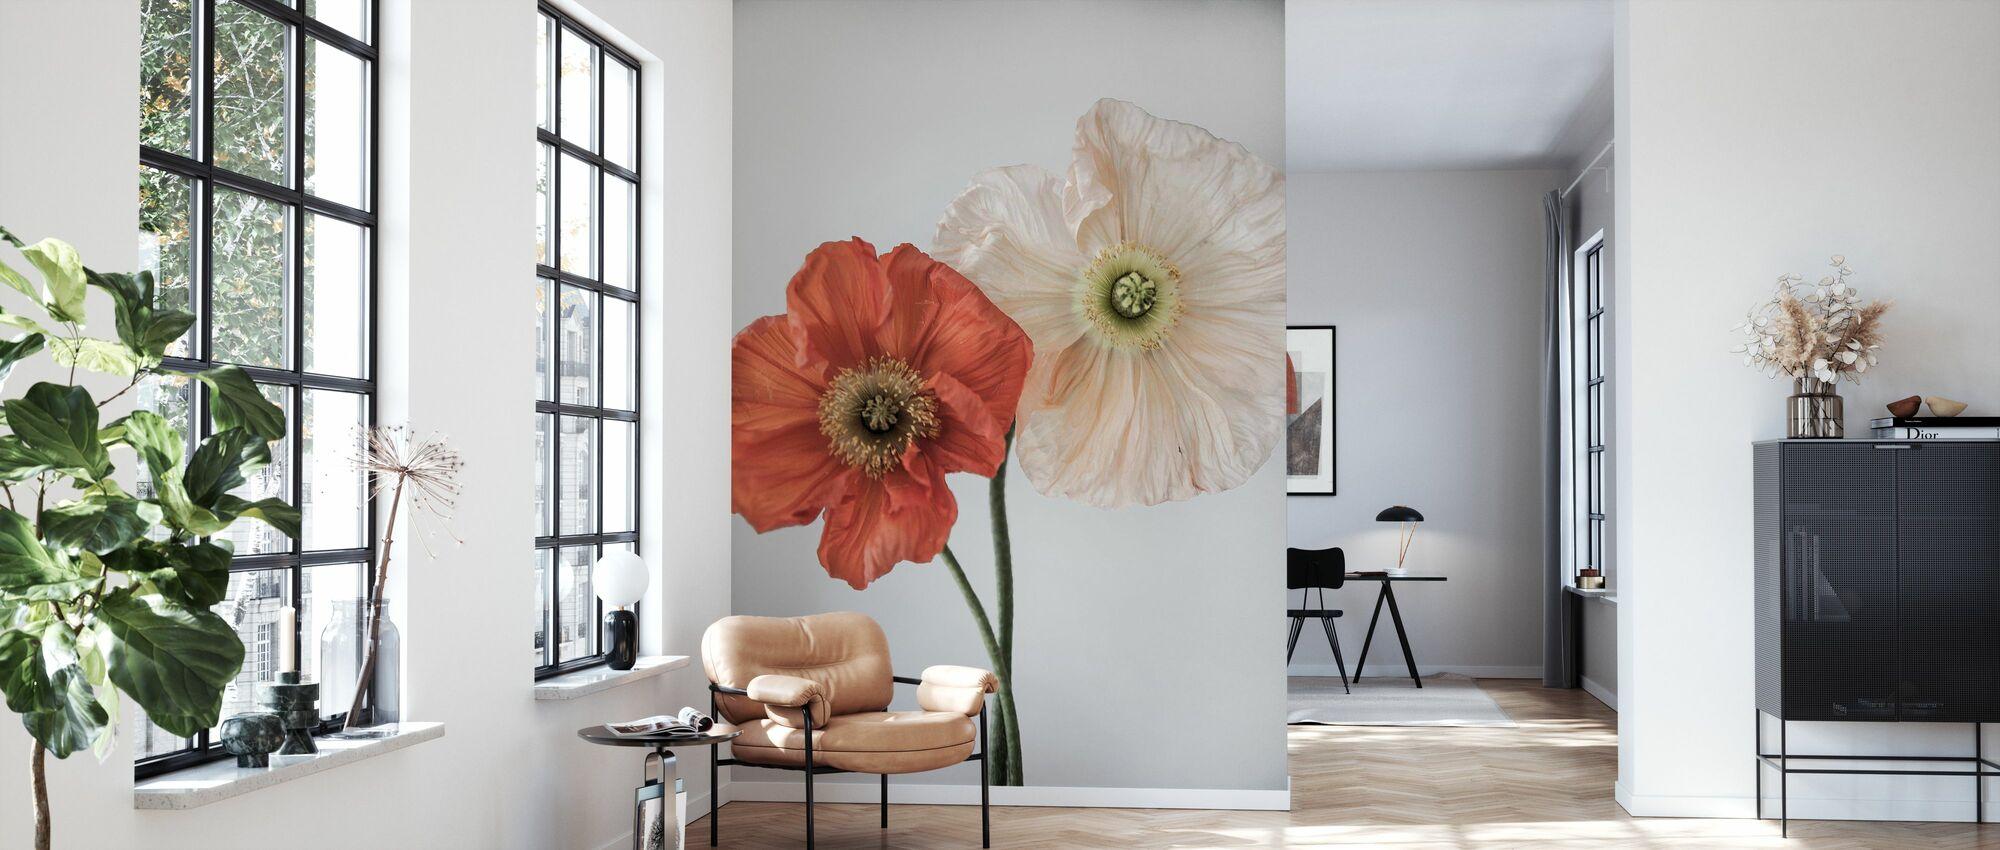 Vallmo 3 - Wallpaper - Living Room